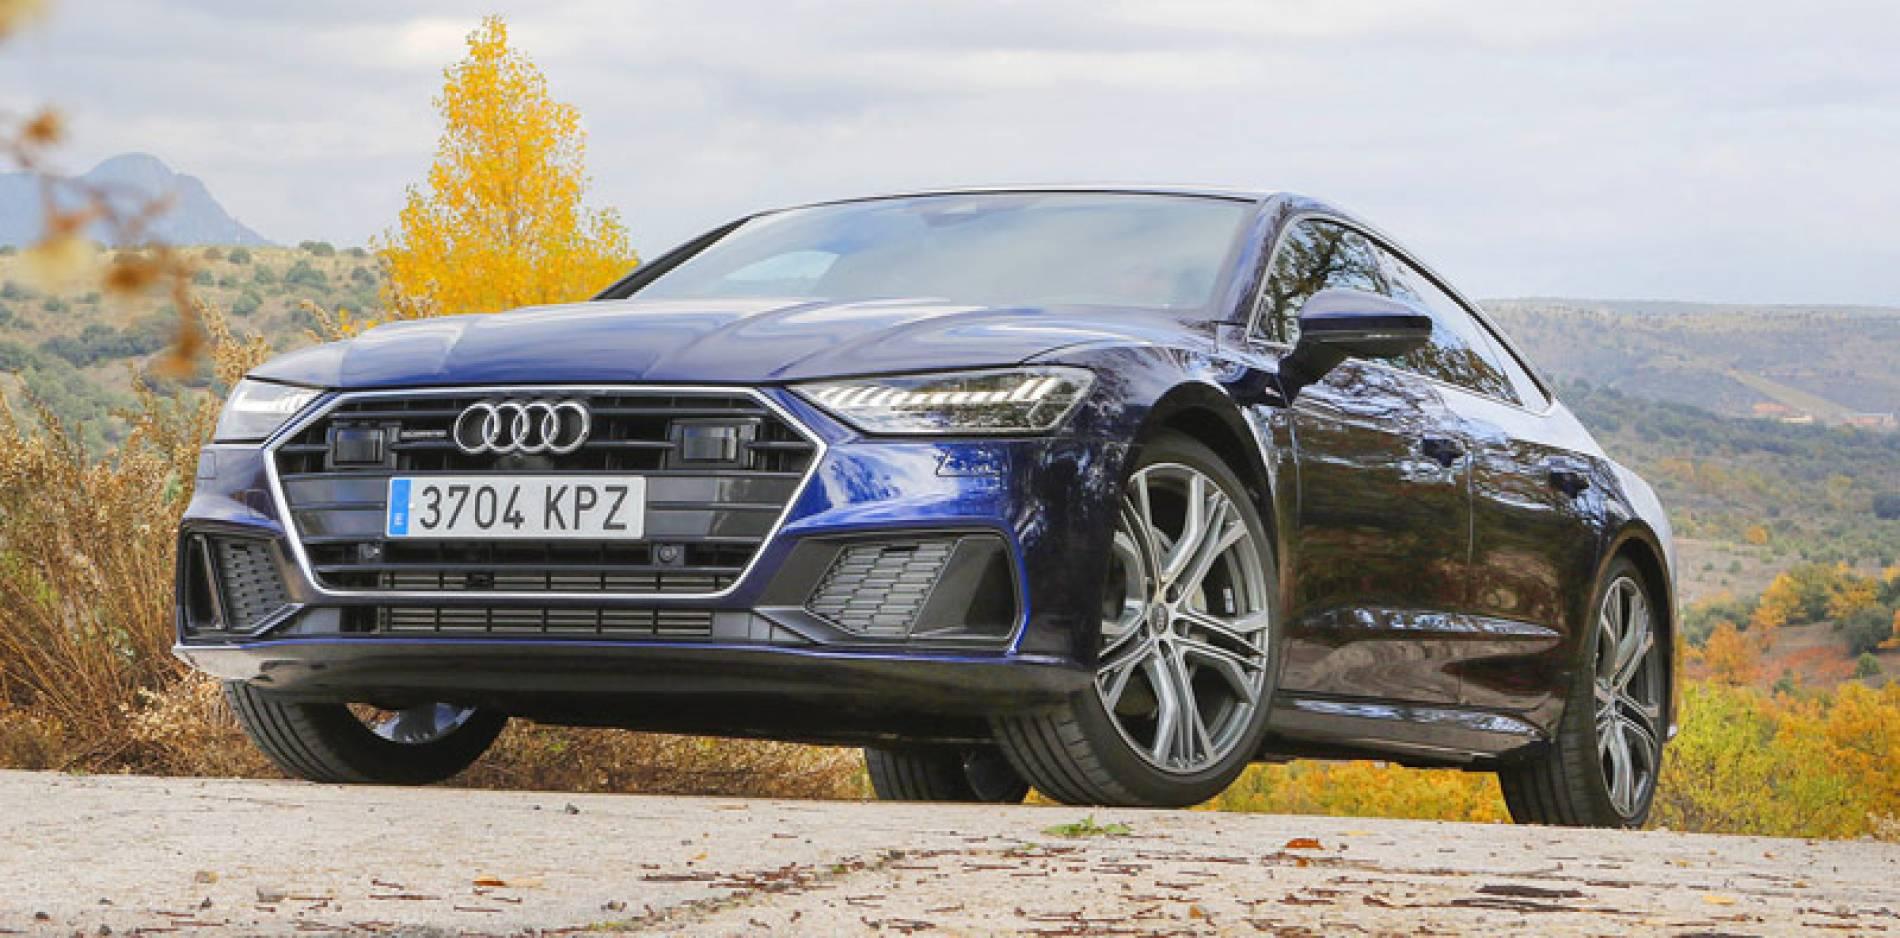 Probamos el Audi A7 Sportback, eficiencia deportiva